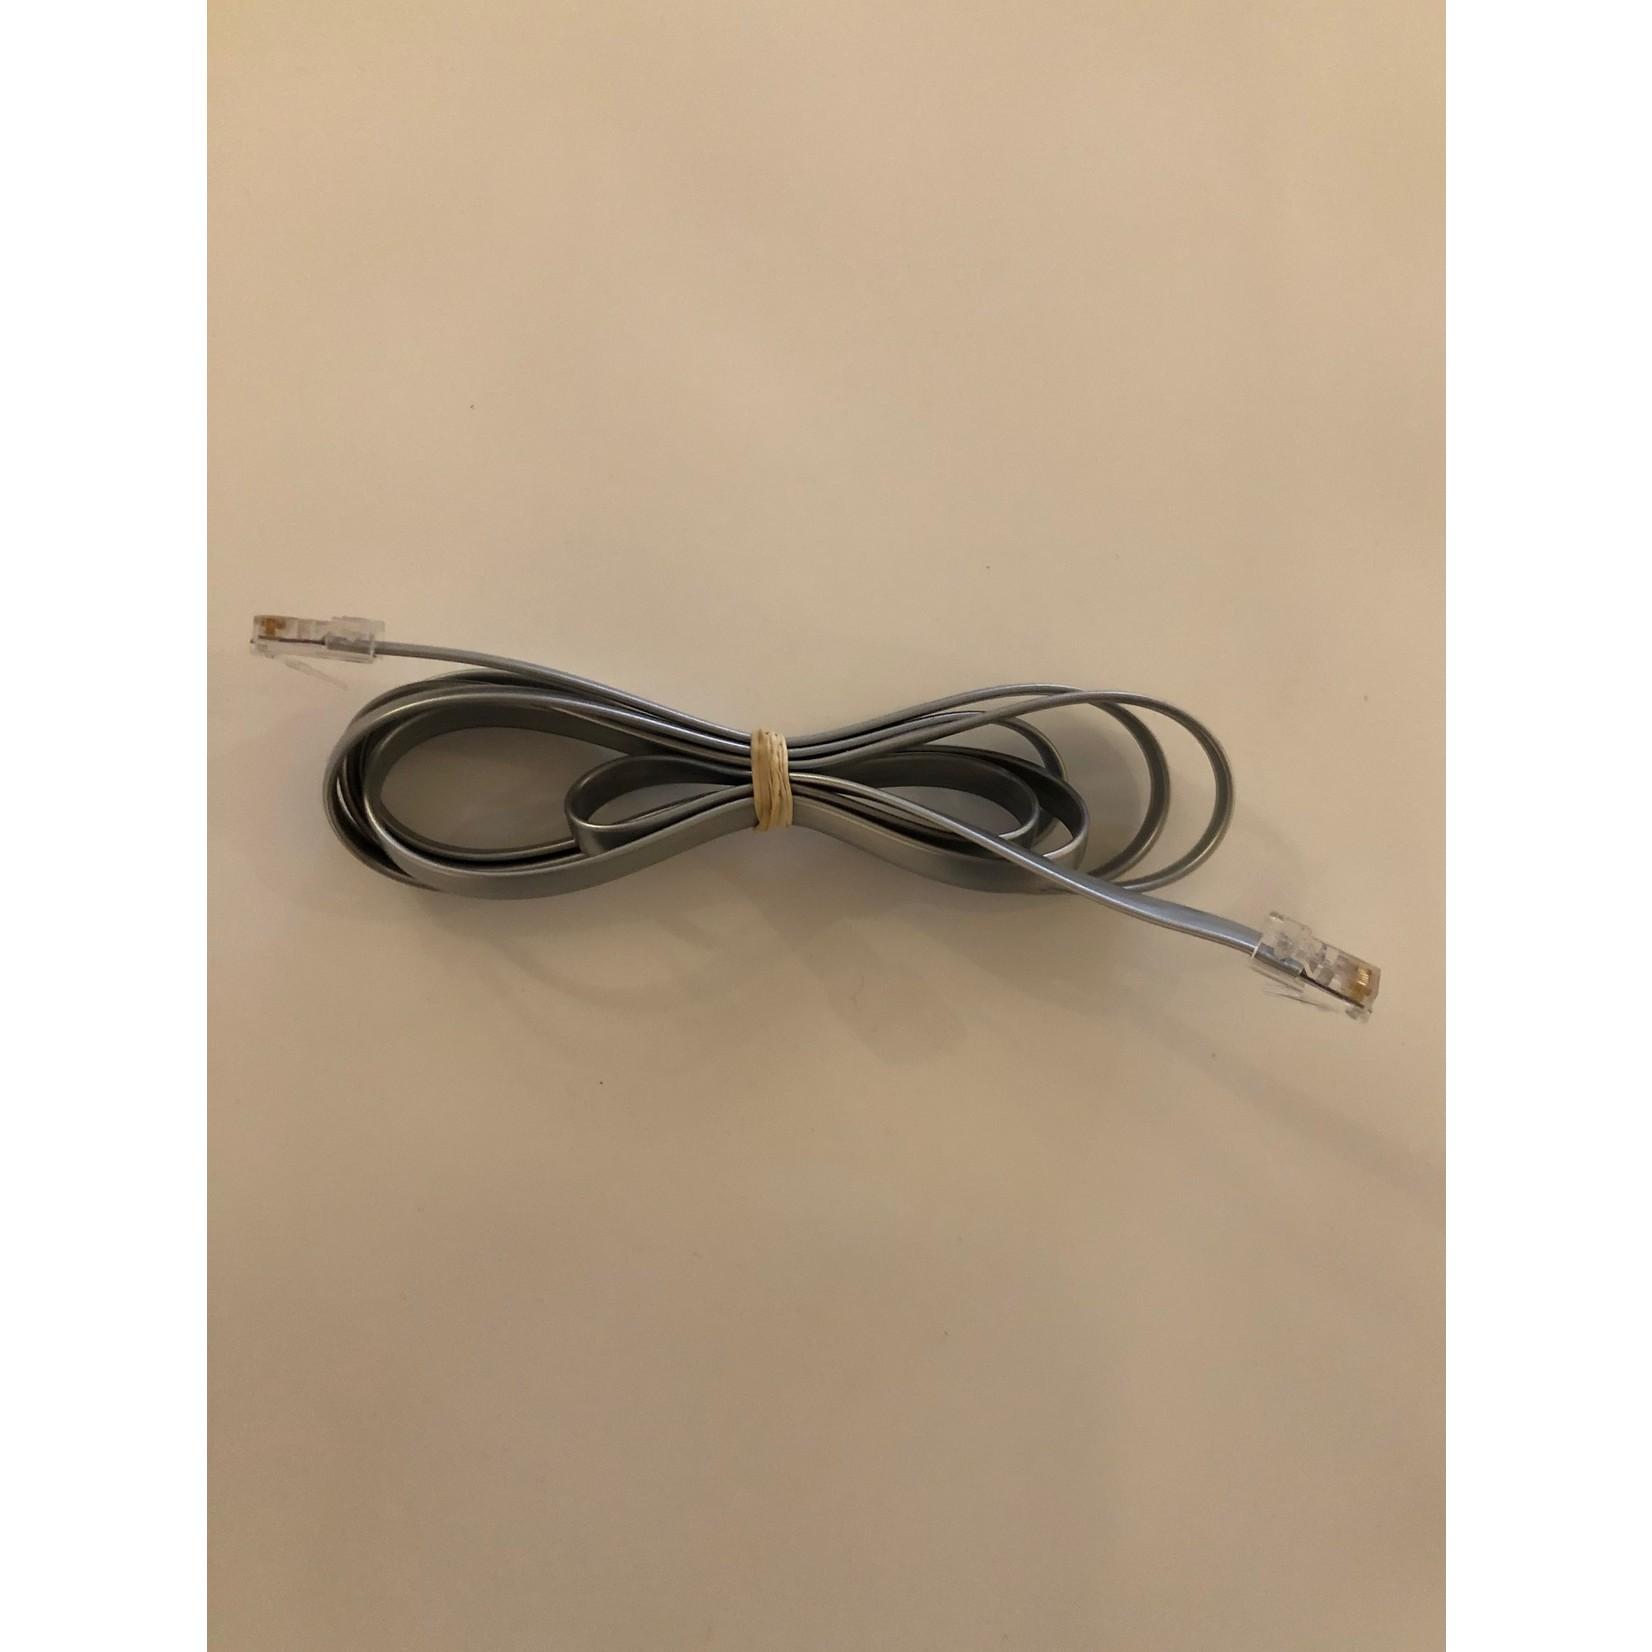 PianoDisc Data kabel voor verbinding Prorecord naar Prodigy